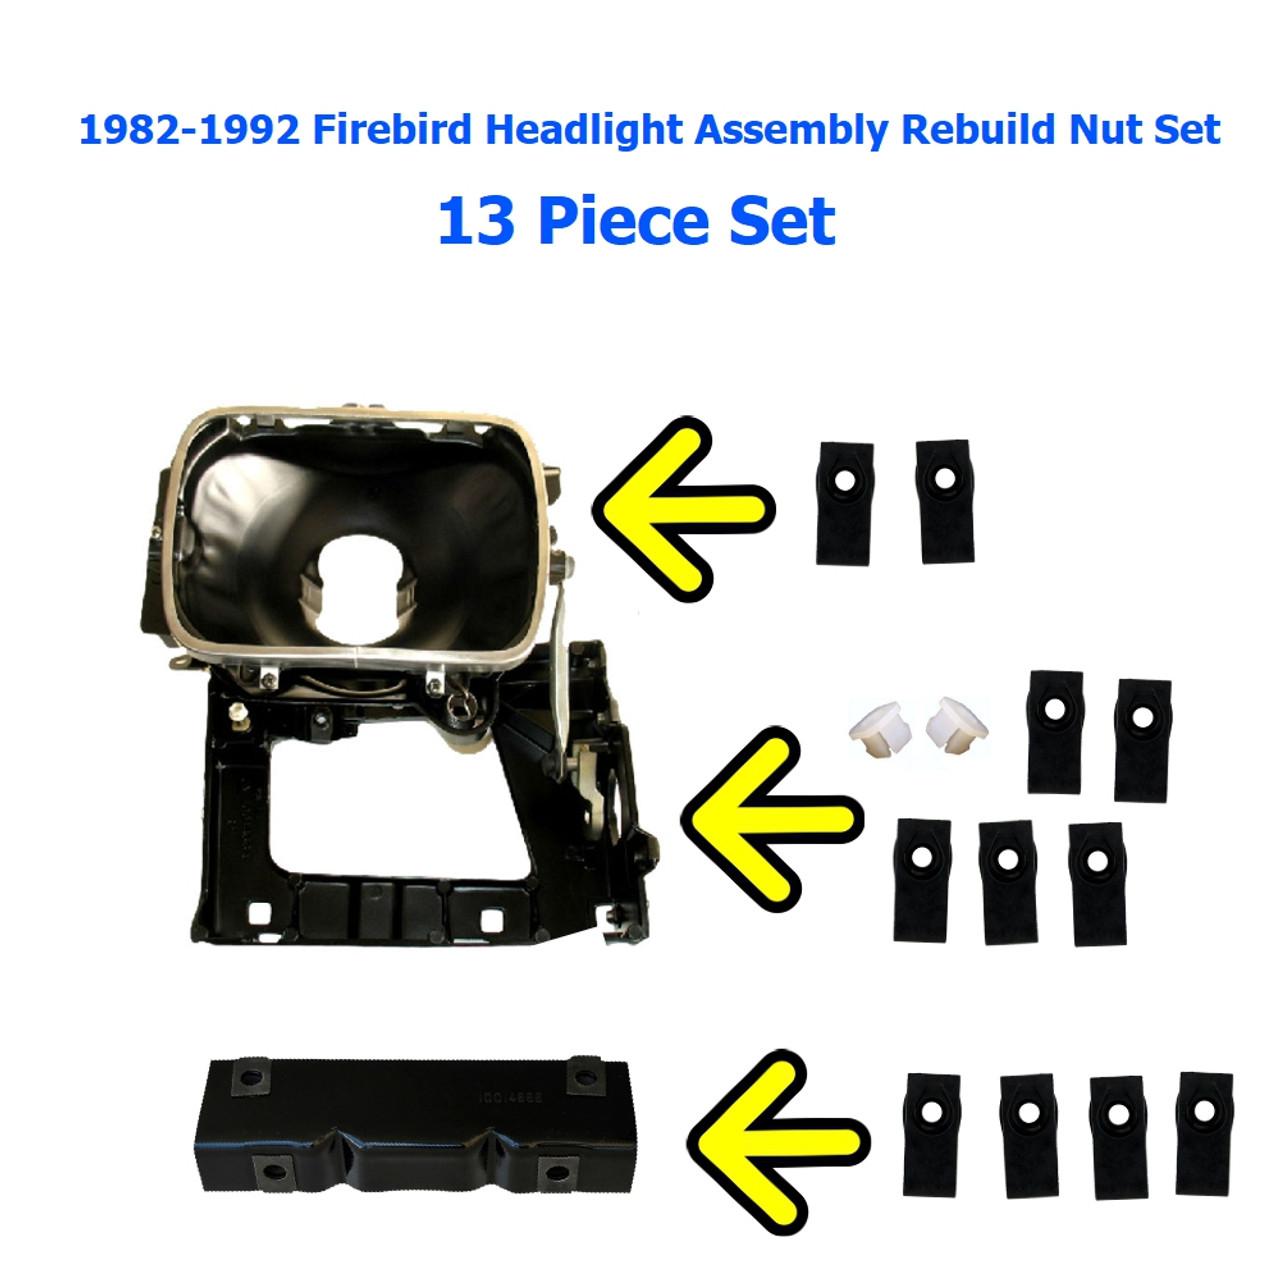 1982-1992 Firebird Headlight Assembly rebuild Nut Set